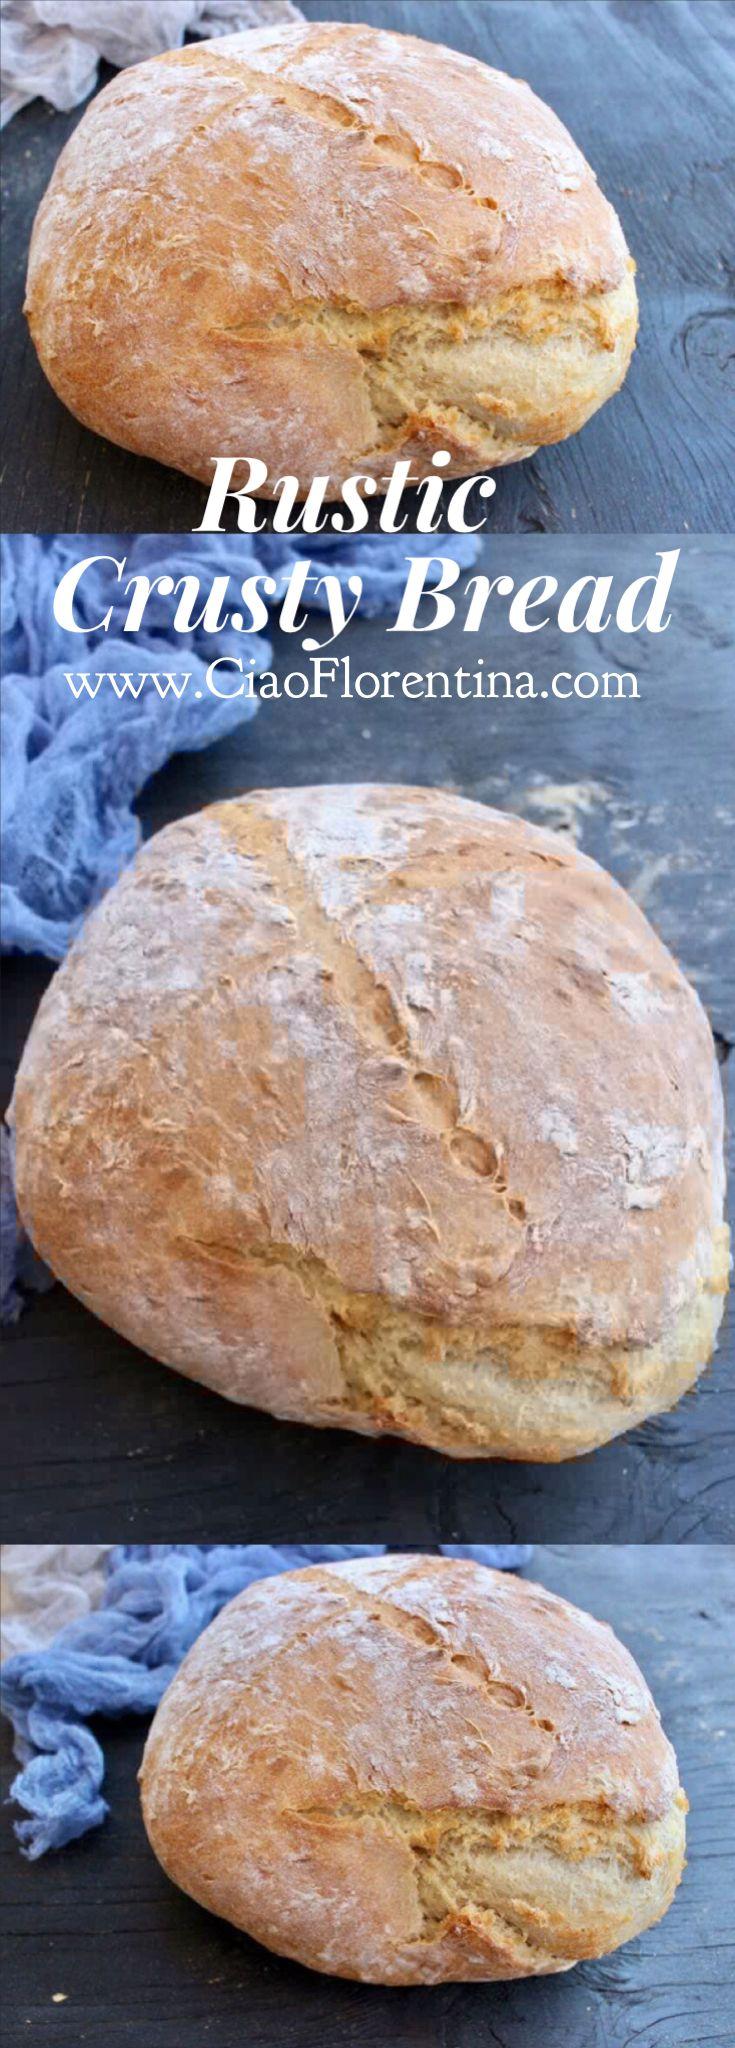 Rustic Crusty Bread Recipe | CiaoFlorentina.com @CiaoFlorentina